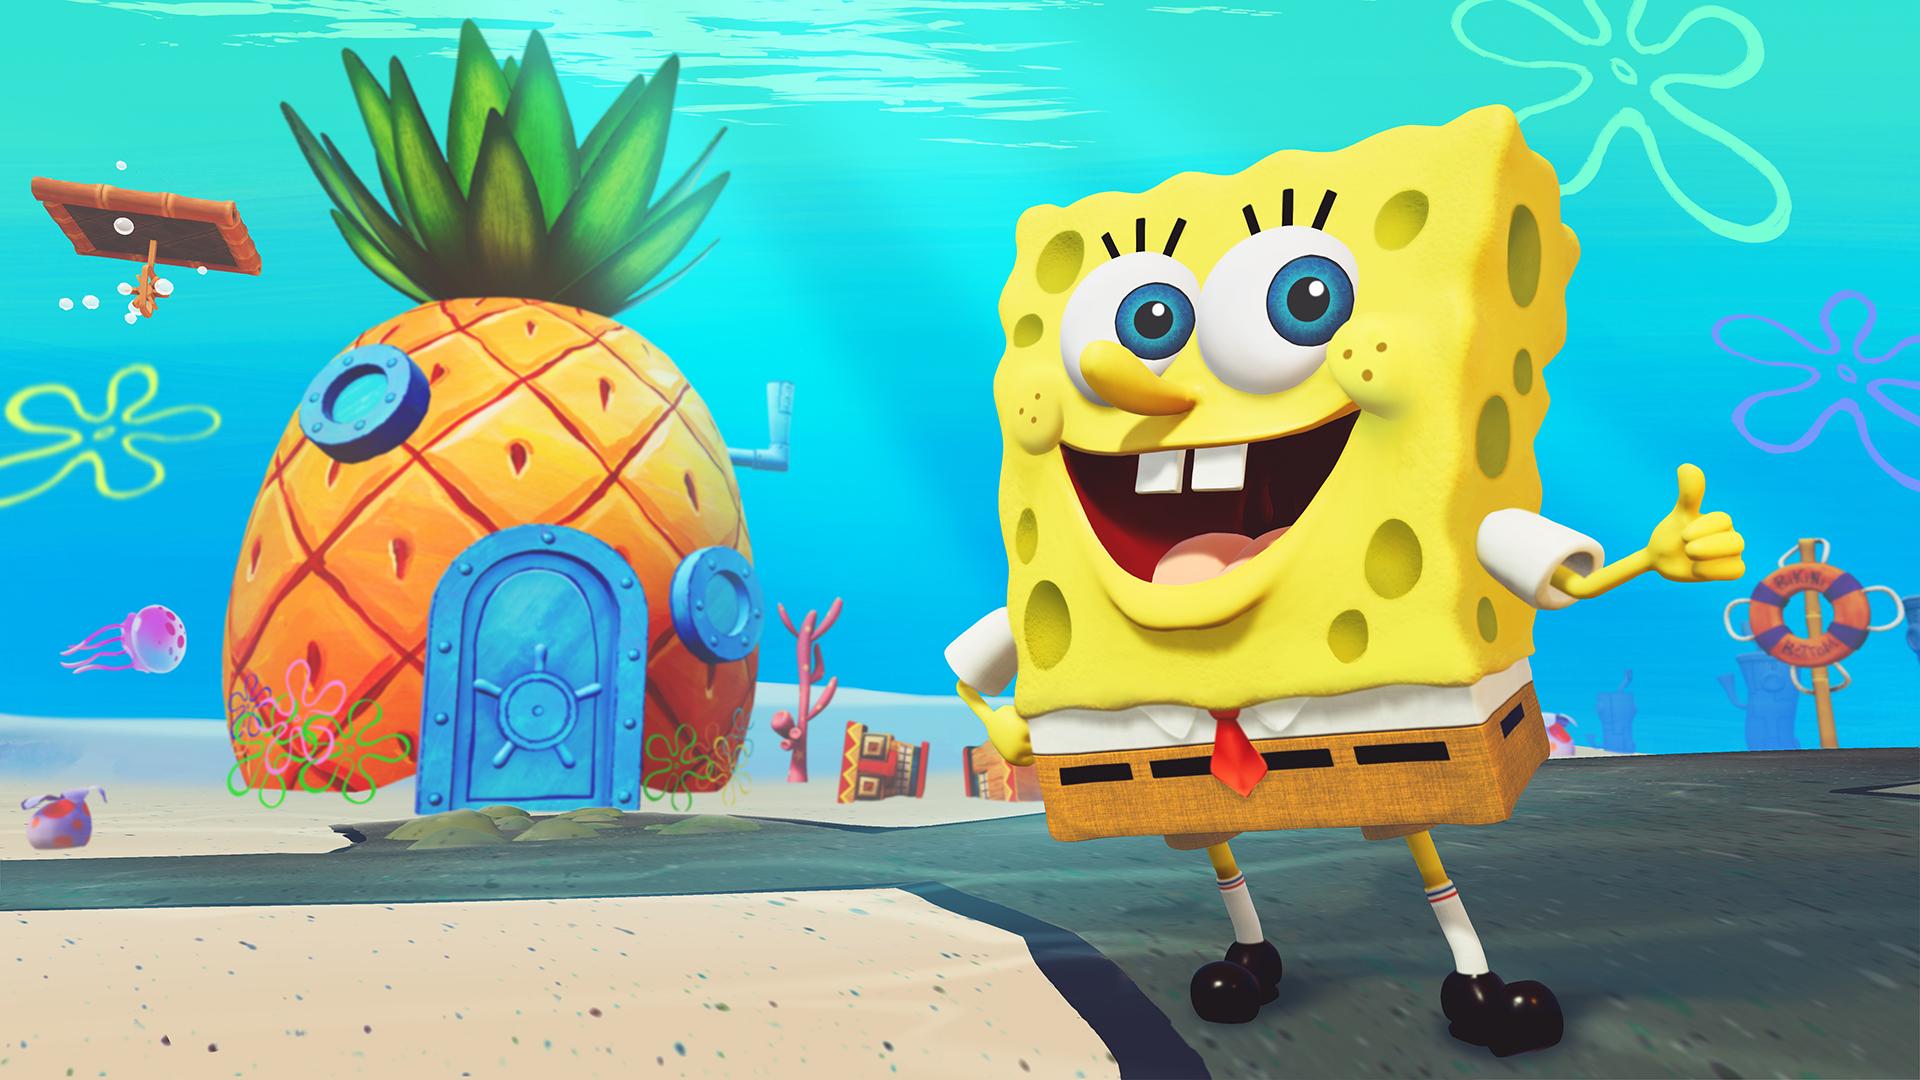 SpongeBob SquarePants: Battle for Bikini Bottom - Rehydrated получит патч первого дня на 7 ГБ